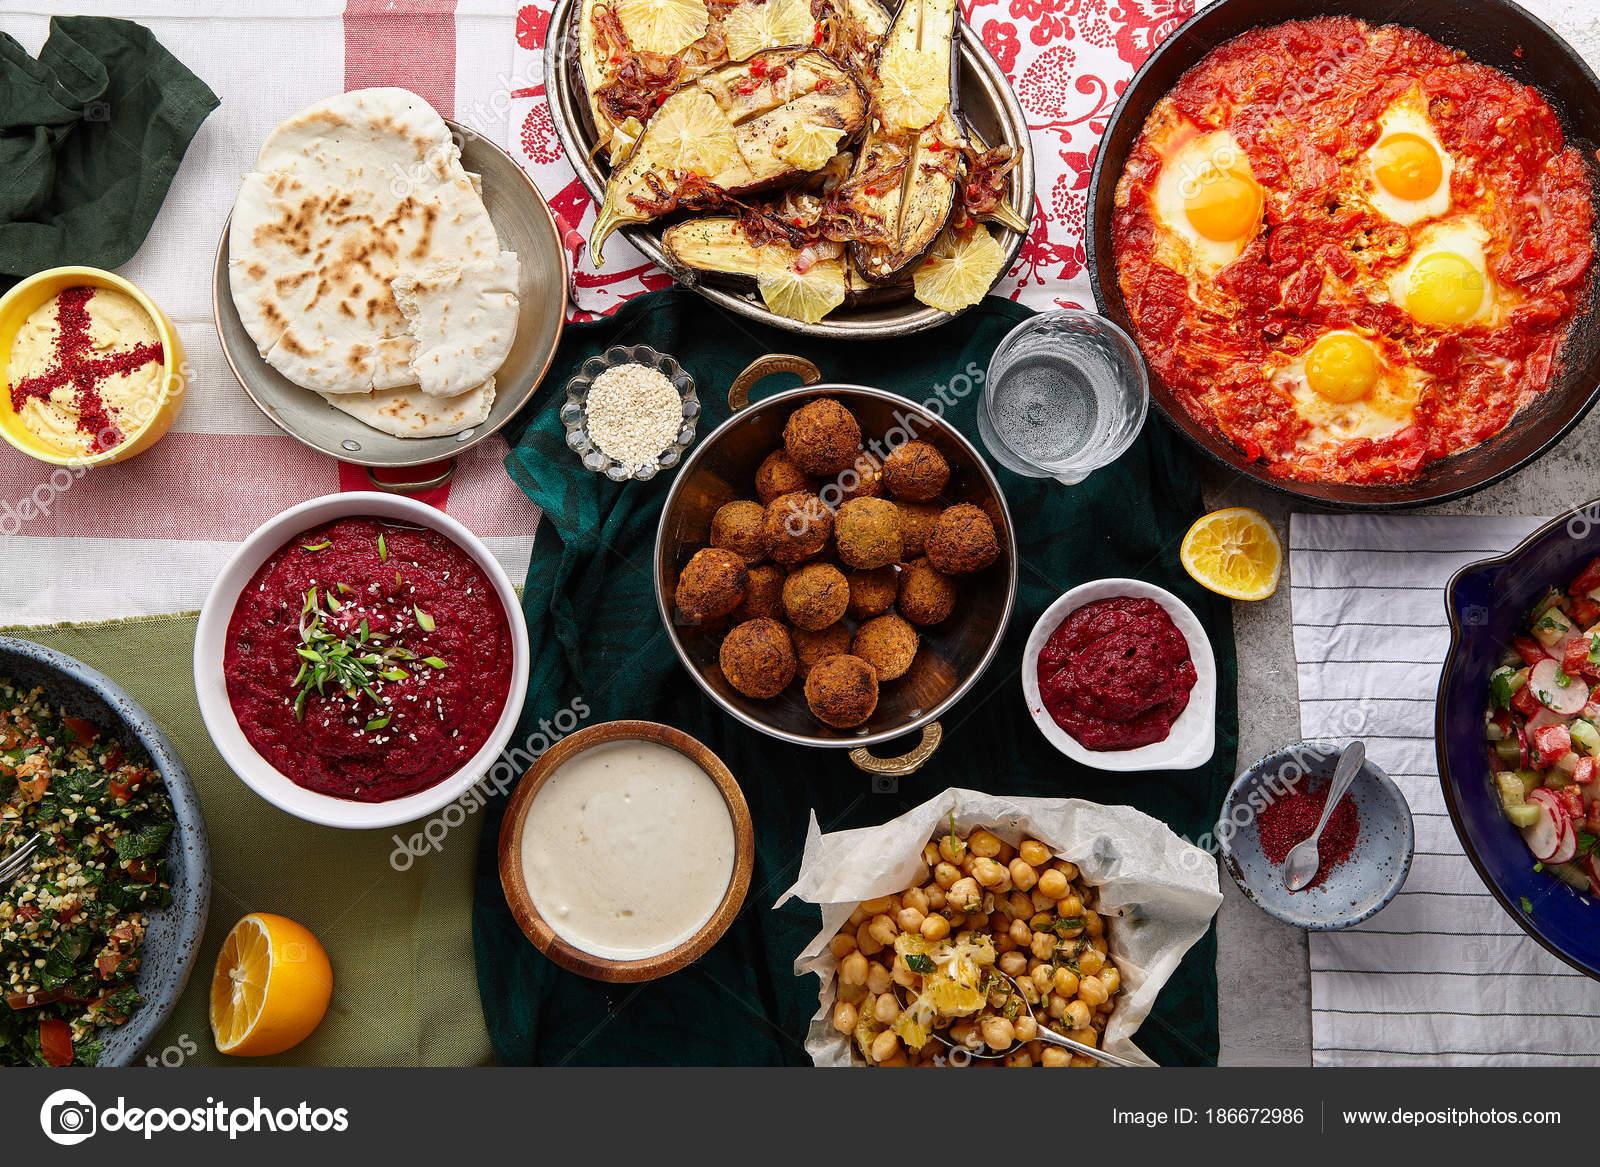 Collectie Van Traditionele Joodse Midden Oosterse Gerechten Israelische Keuken Concept Stockfoto Rechtenvrije Foto Door C Asinskki 186672986